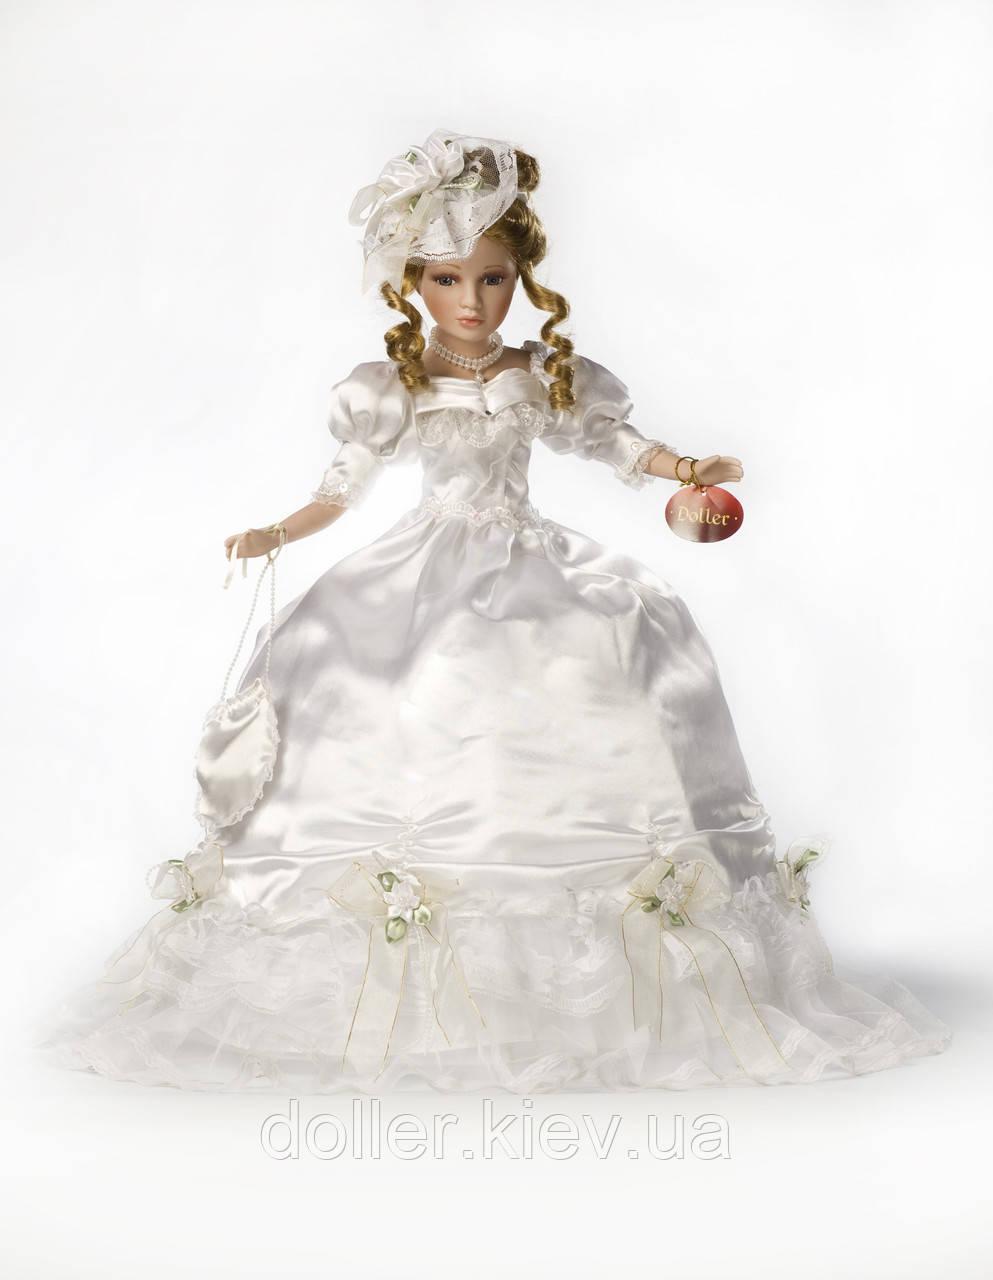 Весільна лялька Адель (50 див.)